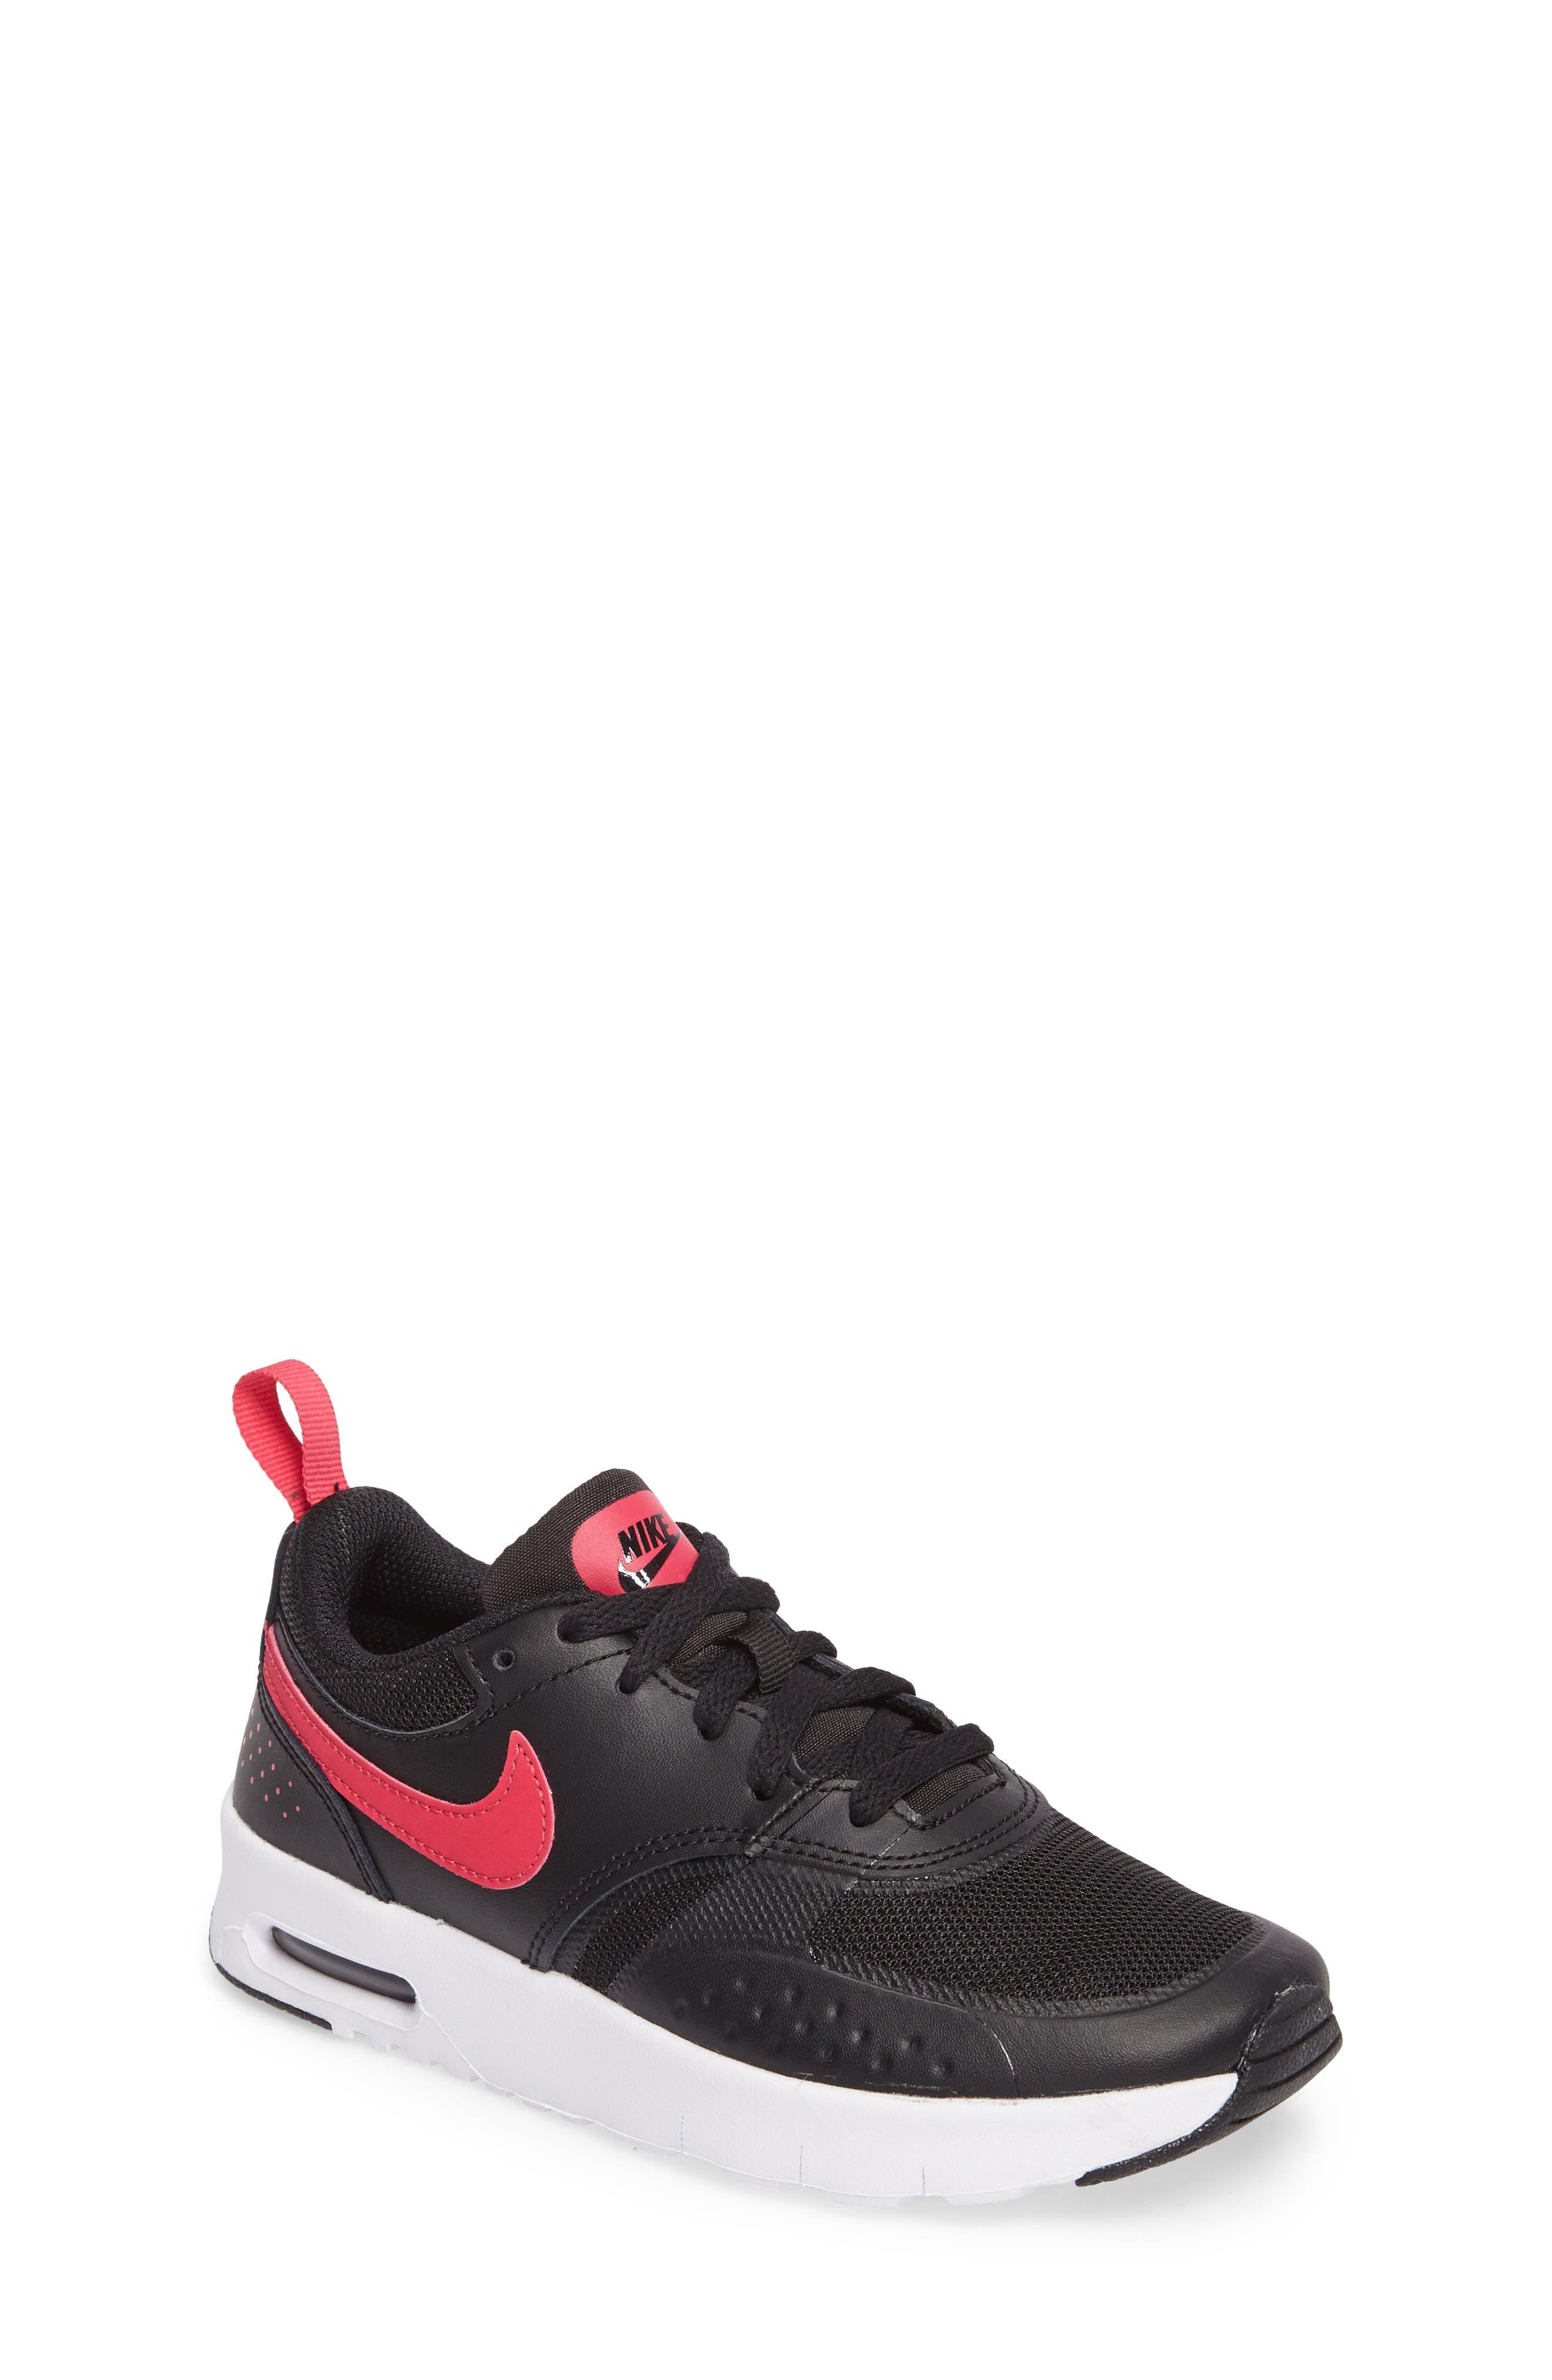 Air Max Vision Sneaker,                             Main thumbnail 1, color,                             Black/ Pink